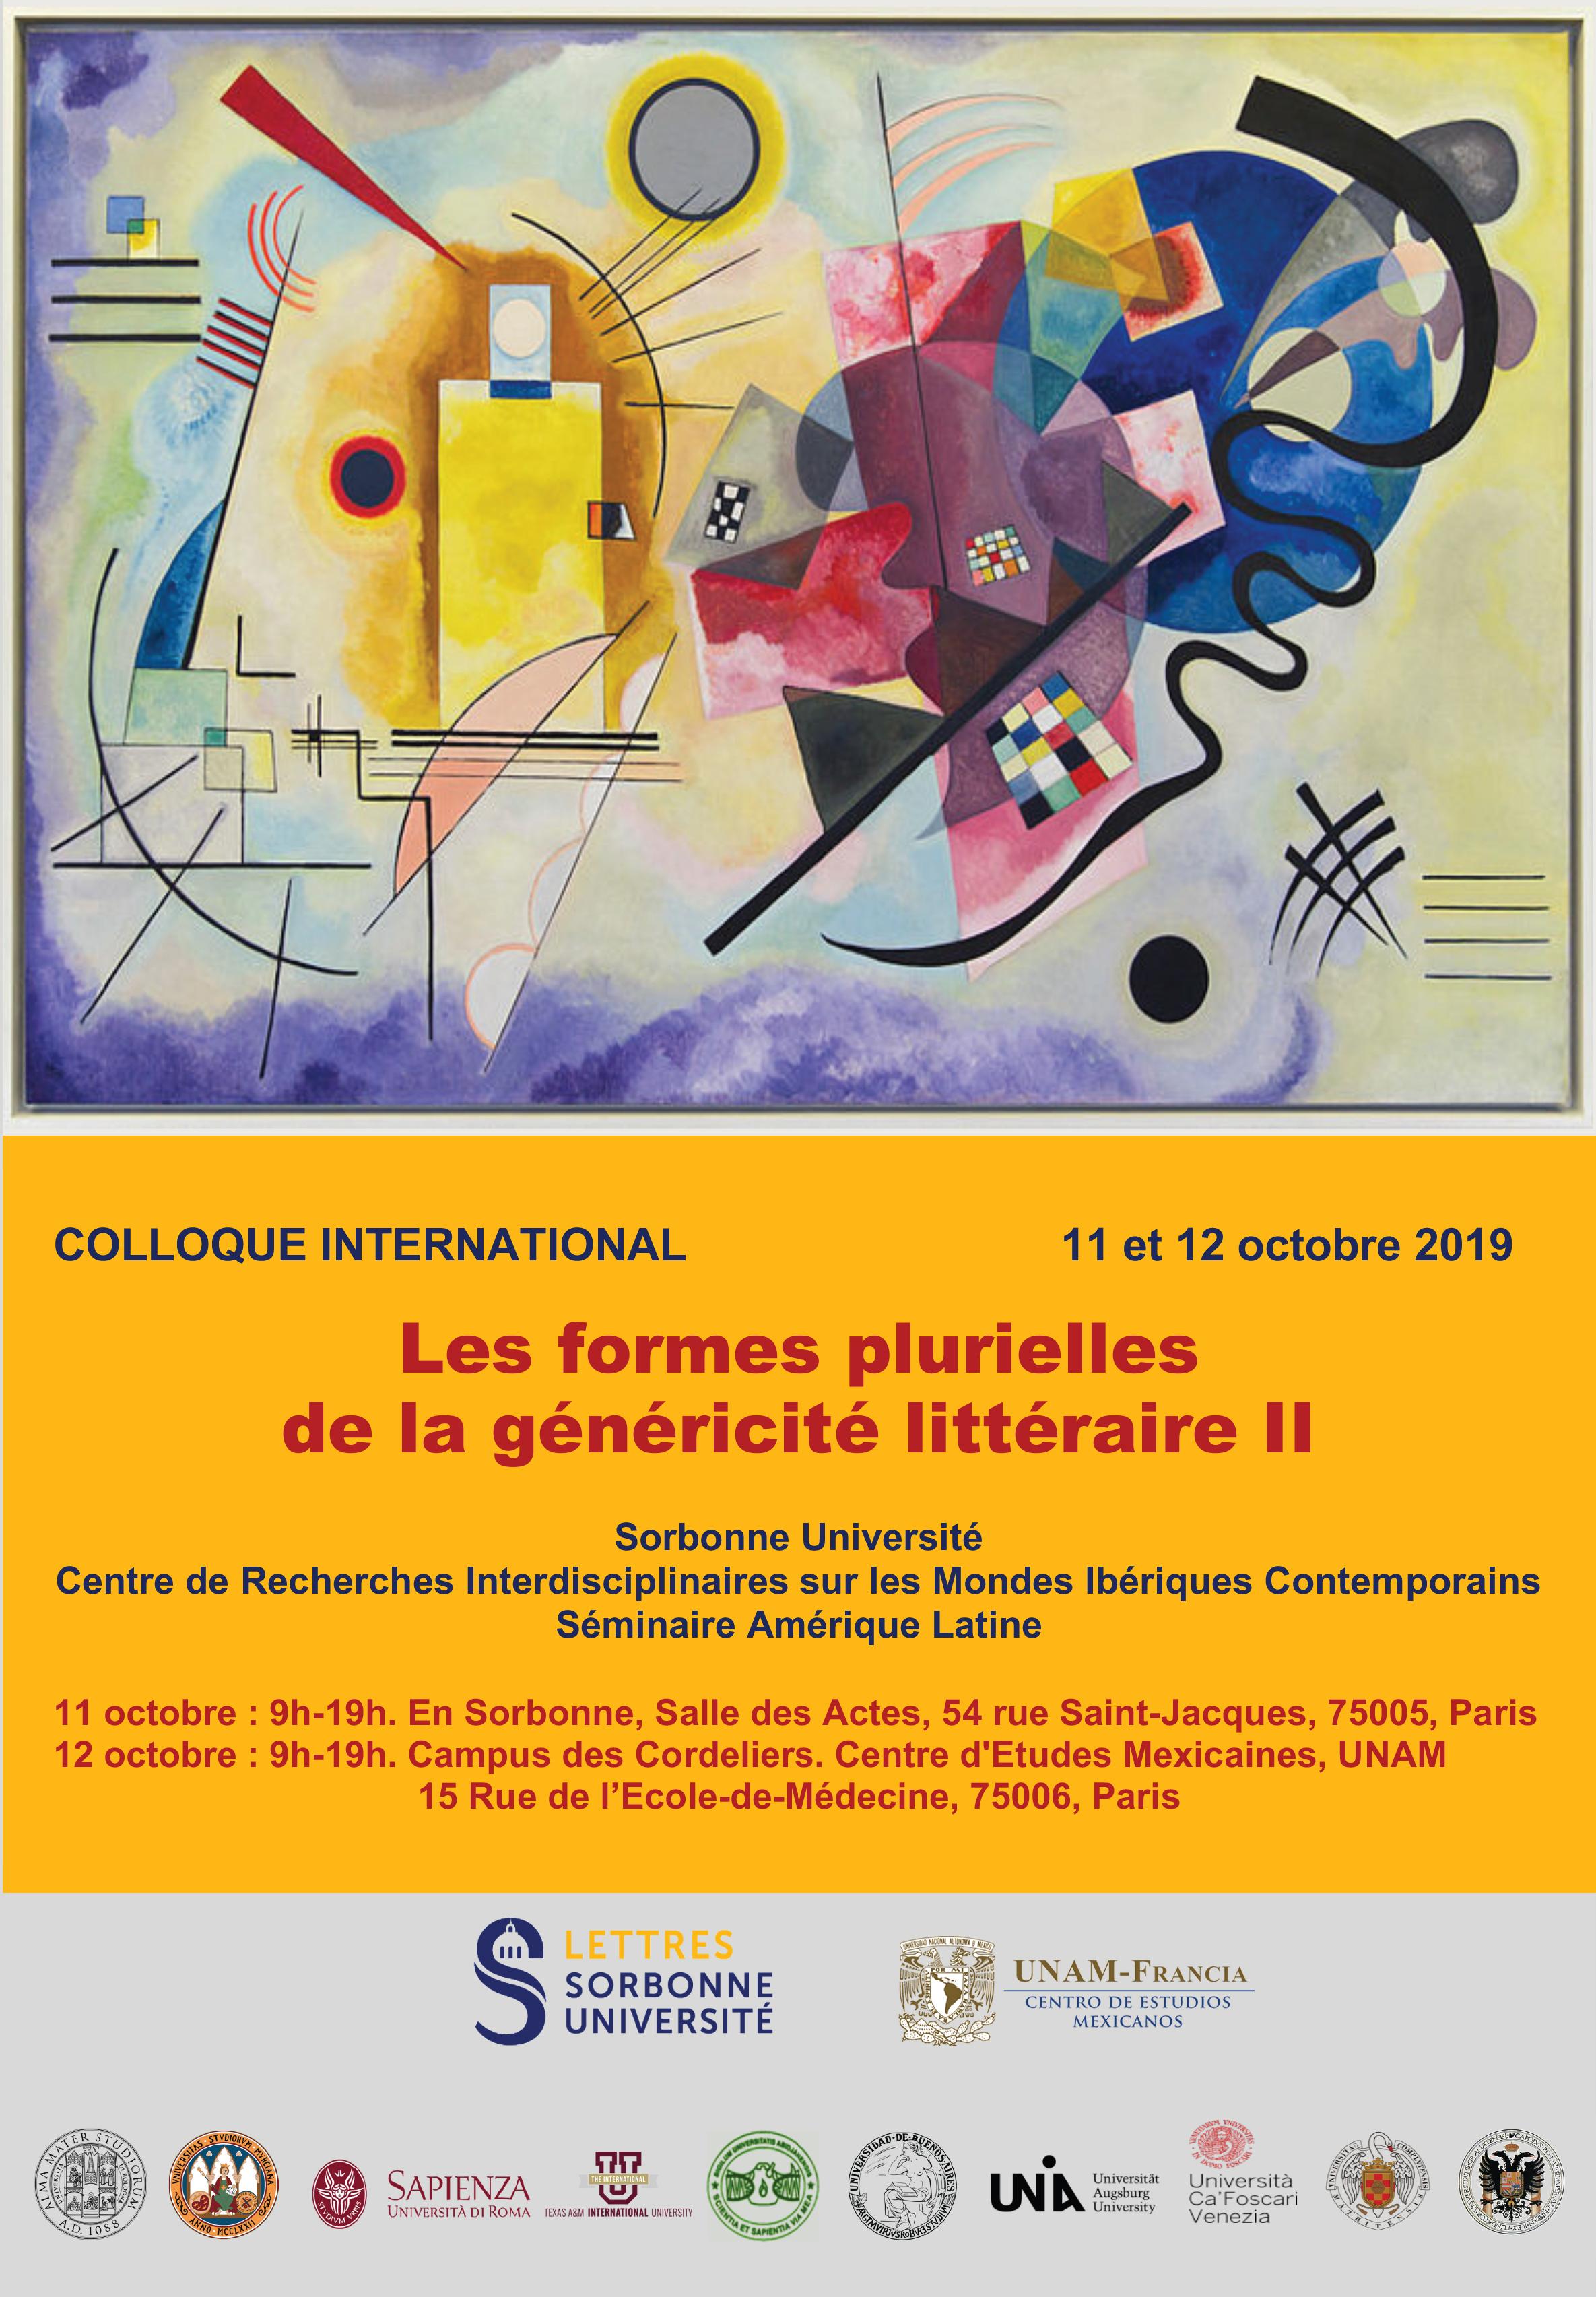 Colloque International «Les formes plurielles de la généricité littéraire II»